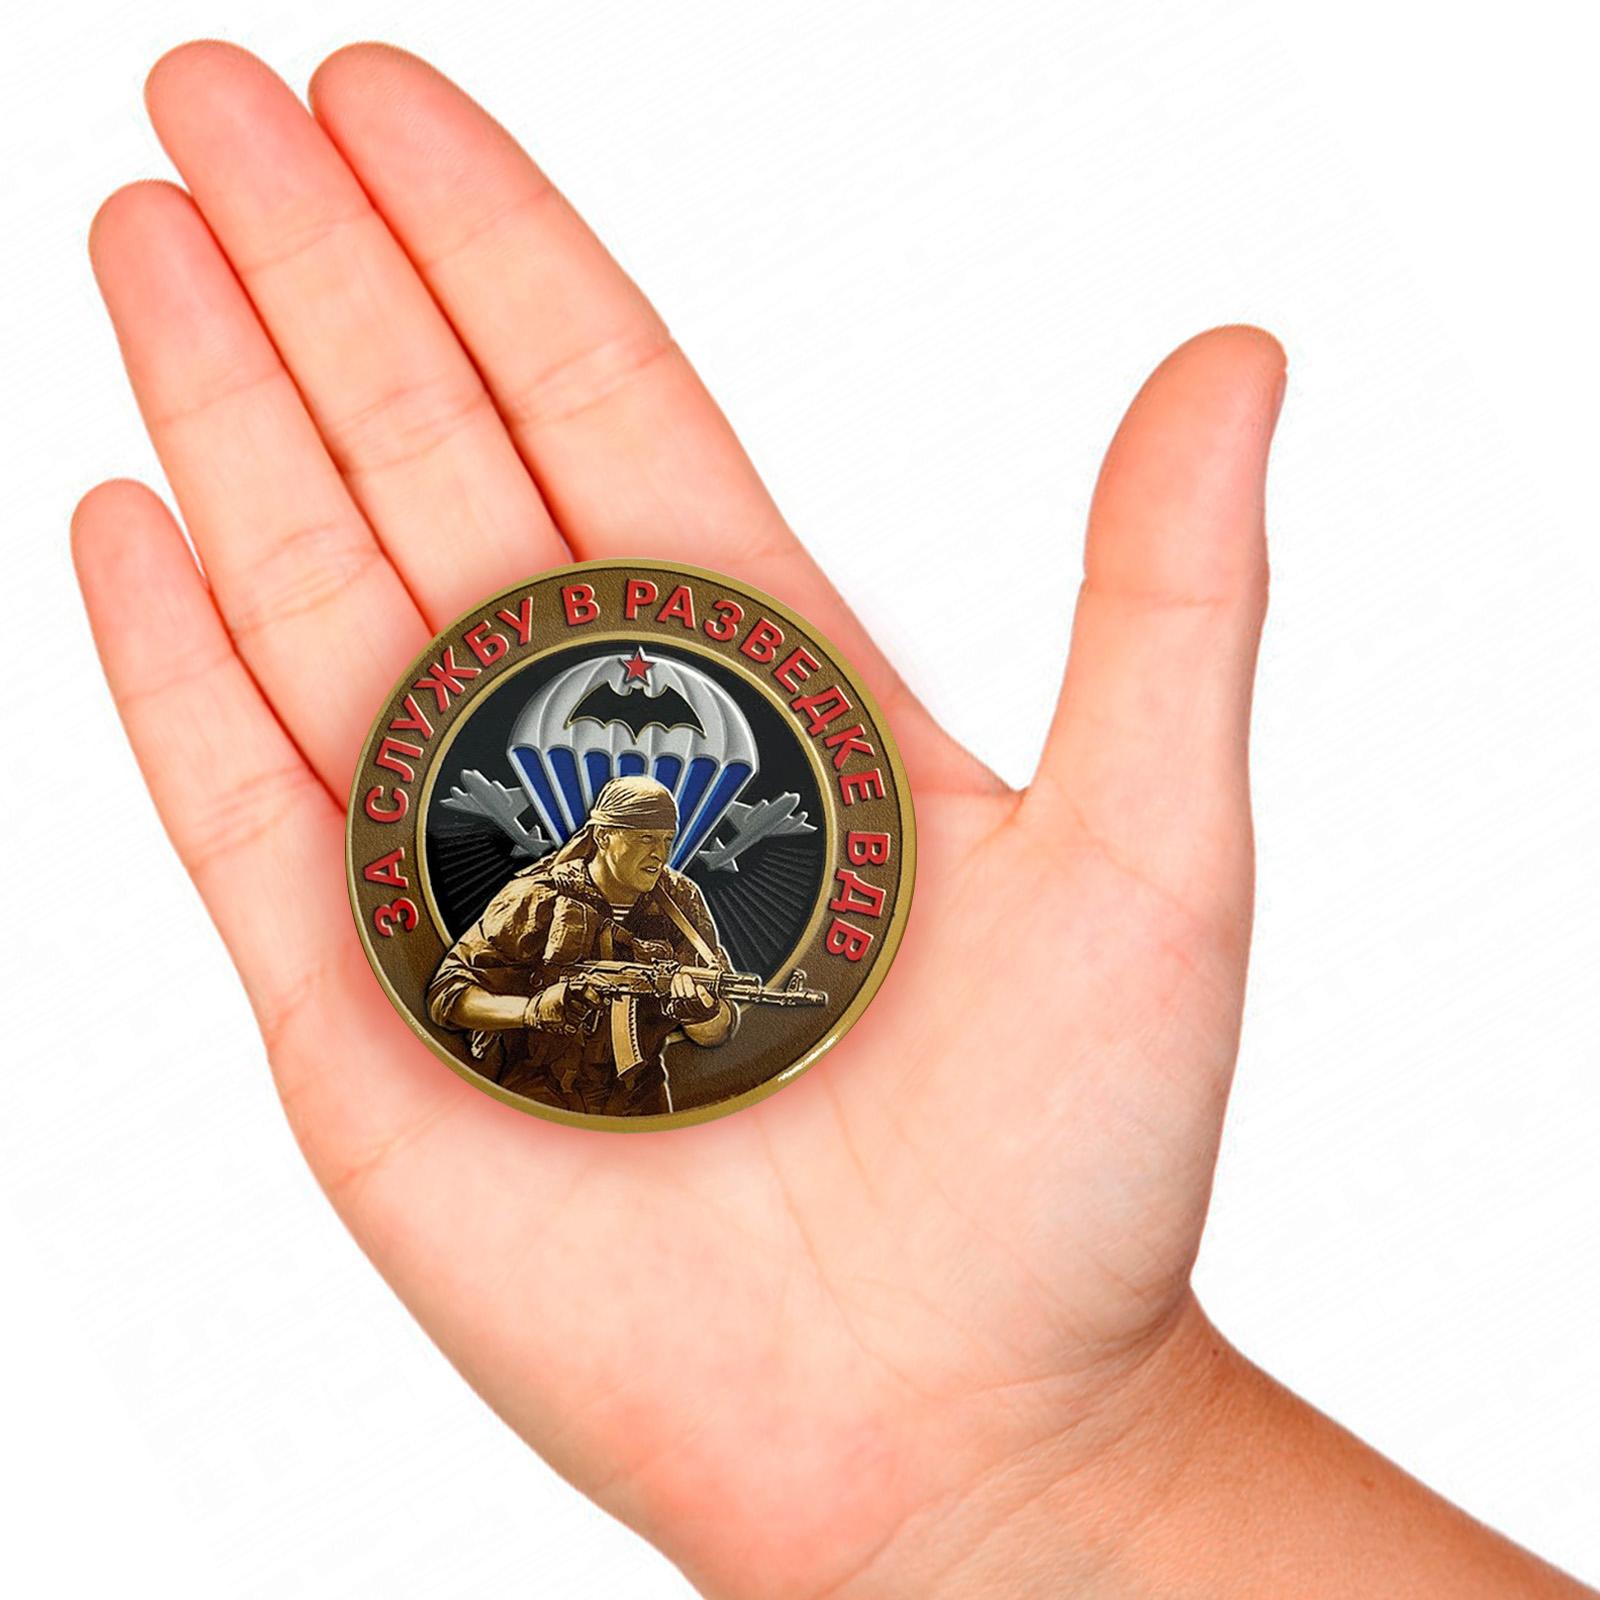 Закатный значок За службу в разведке ВДВ - вид на руке